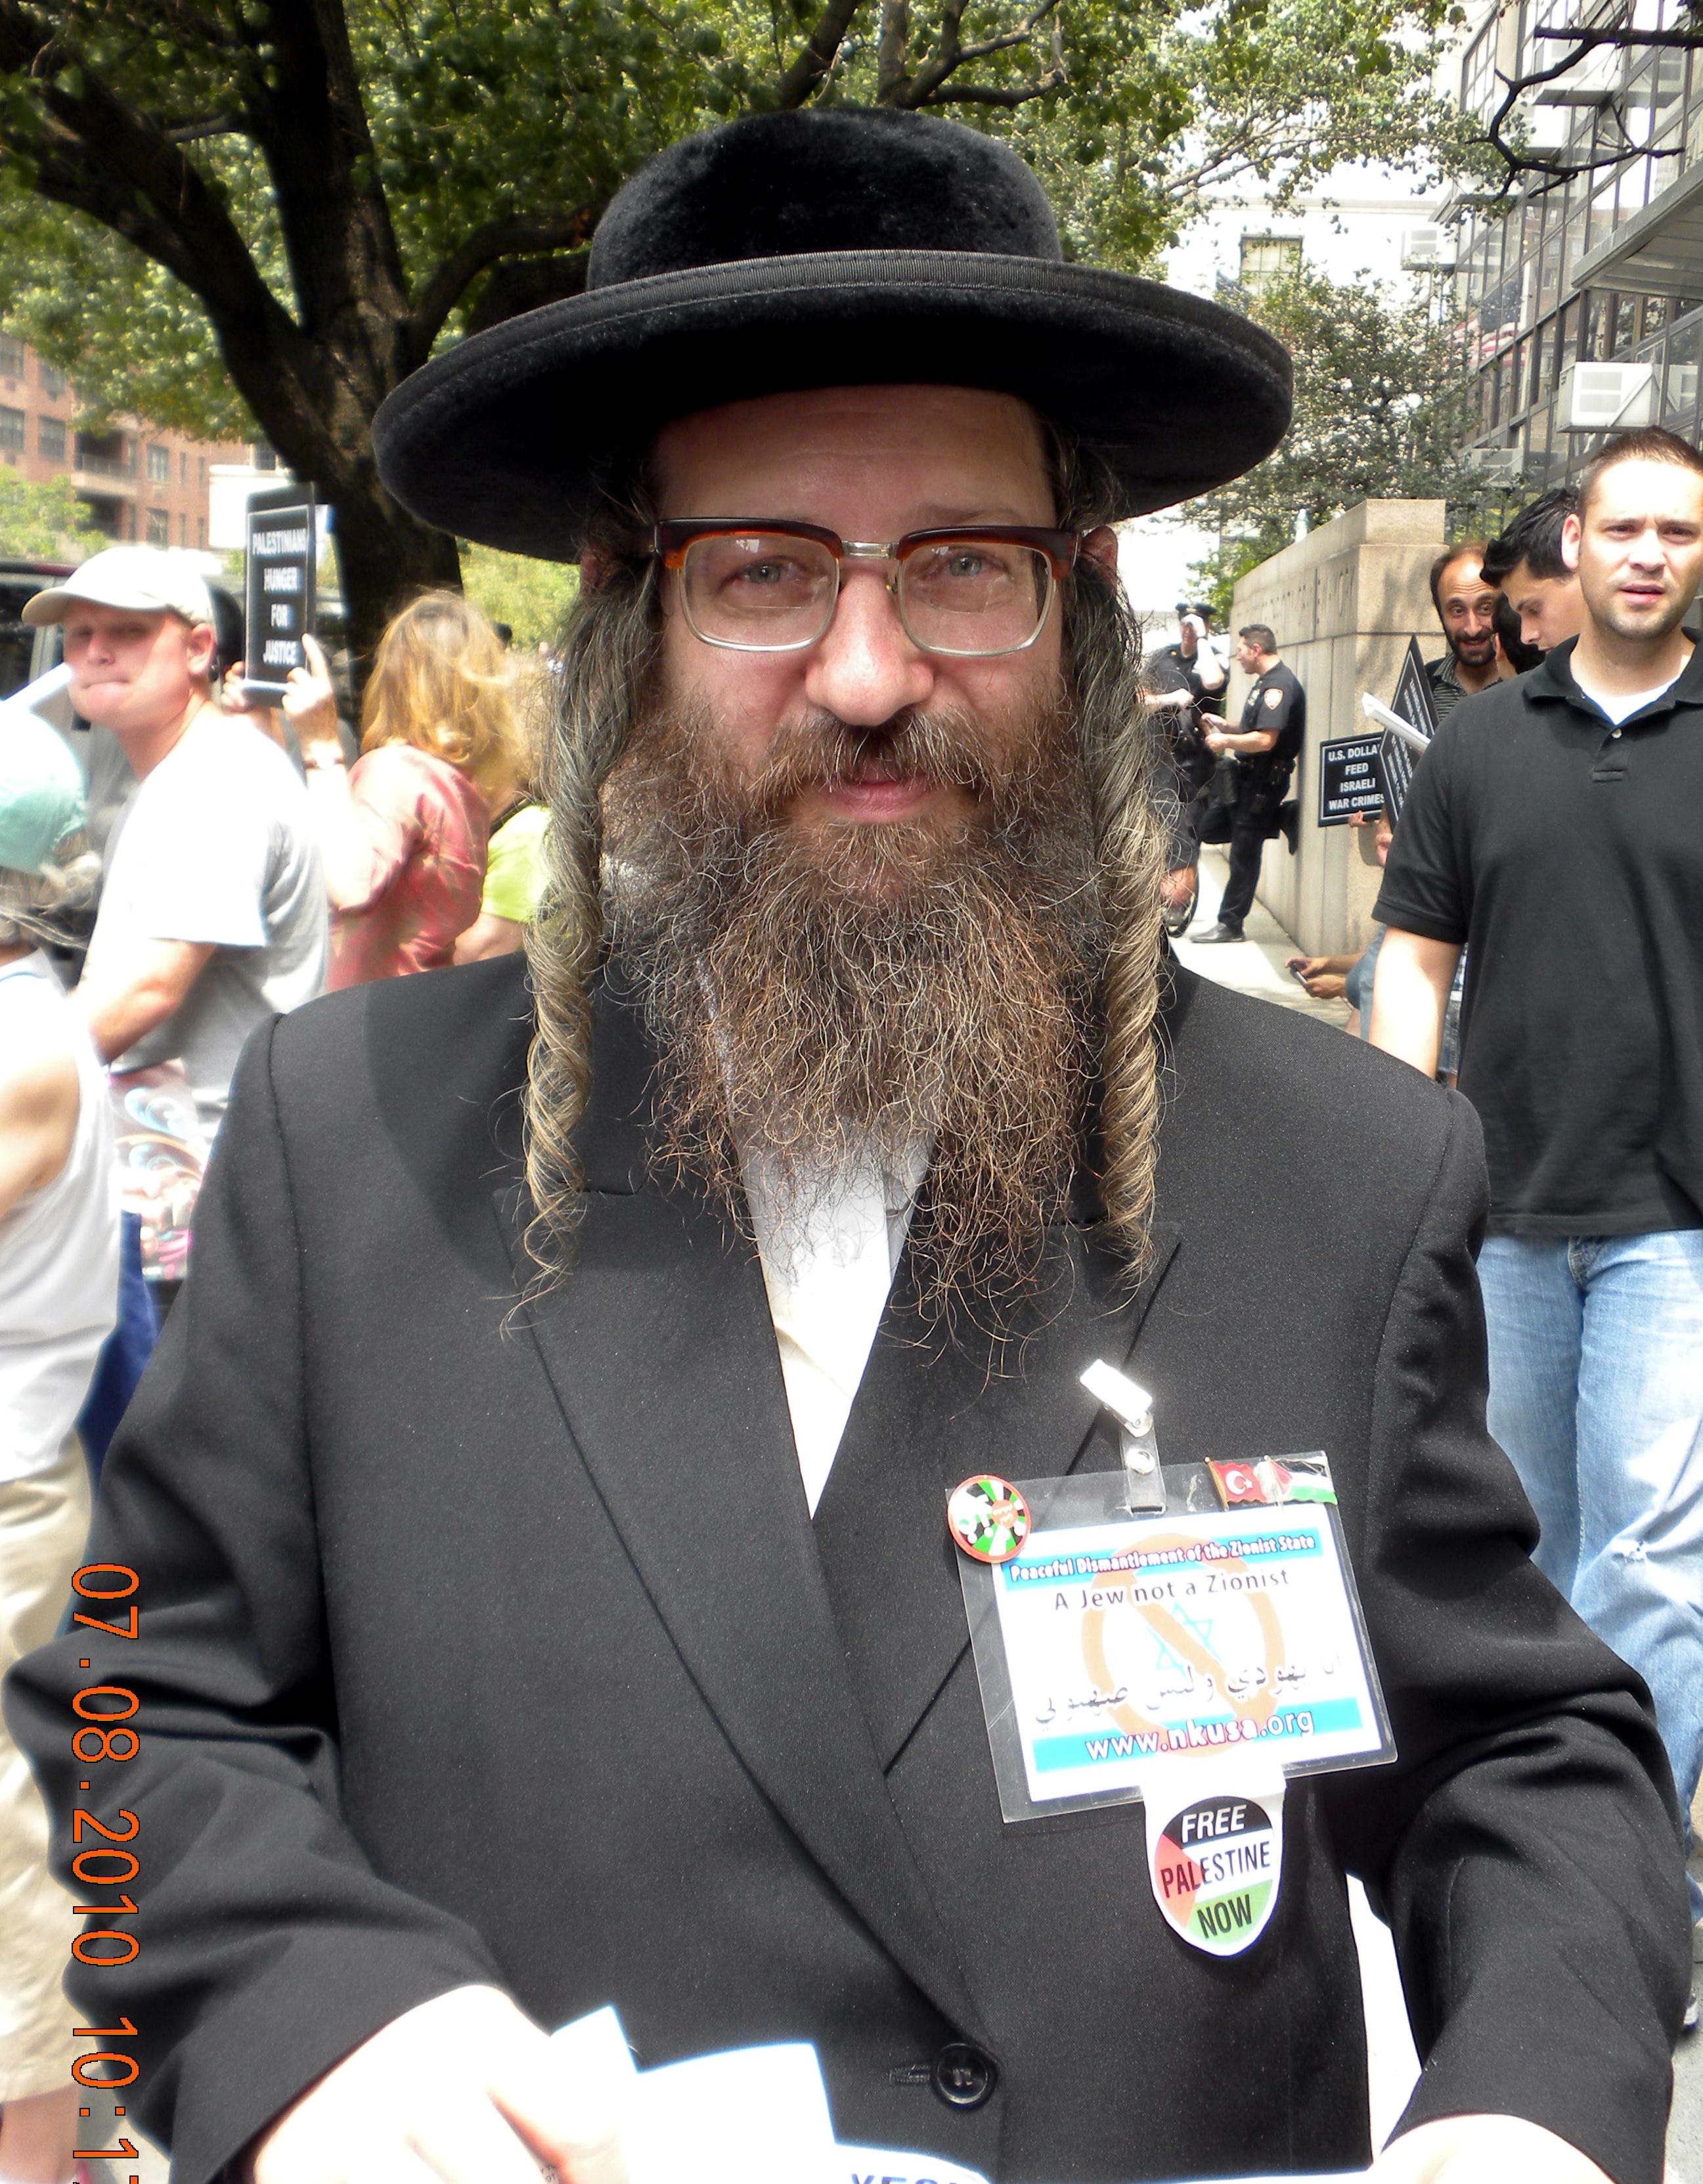 интернете очень фото современных типичных евреев фото платье просто